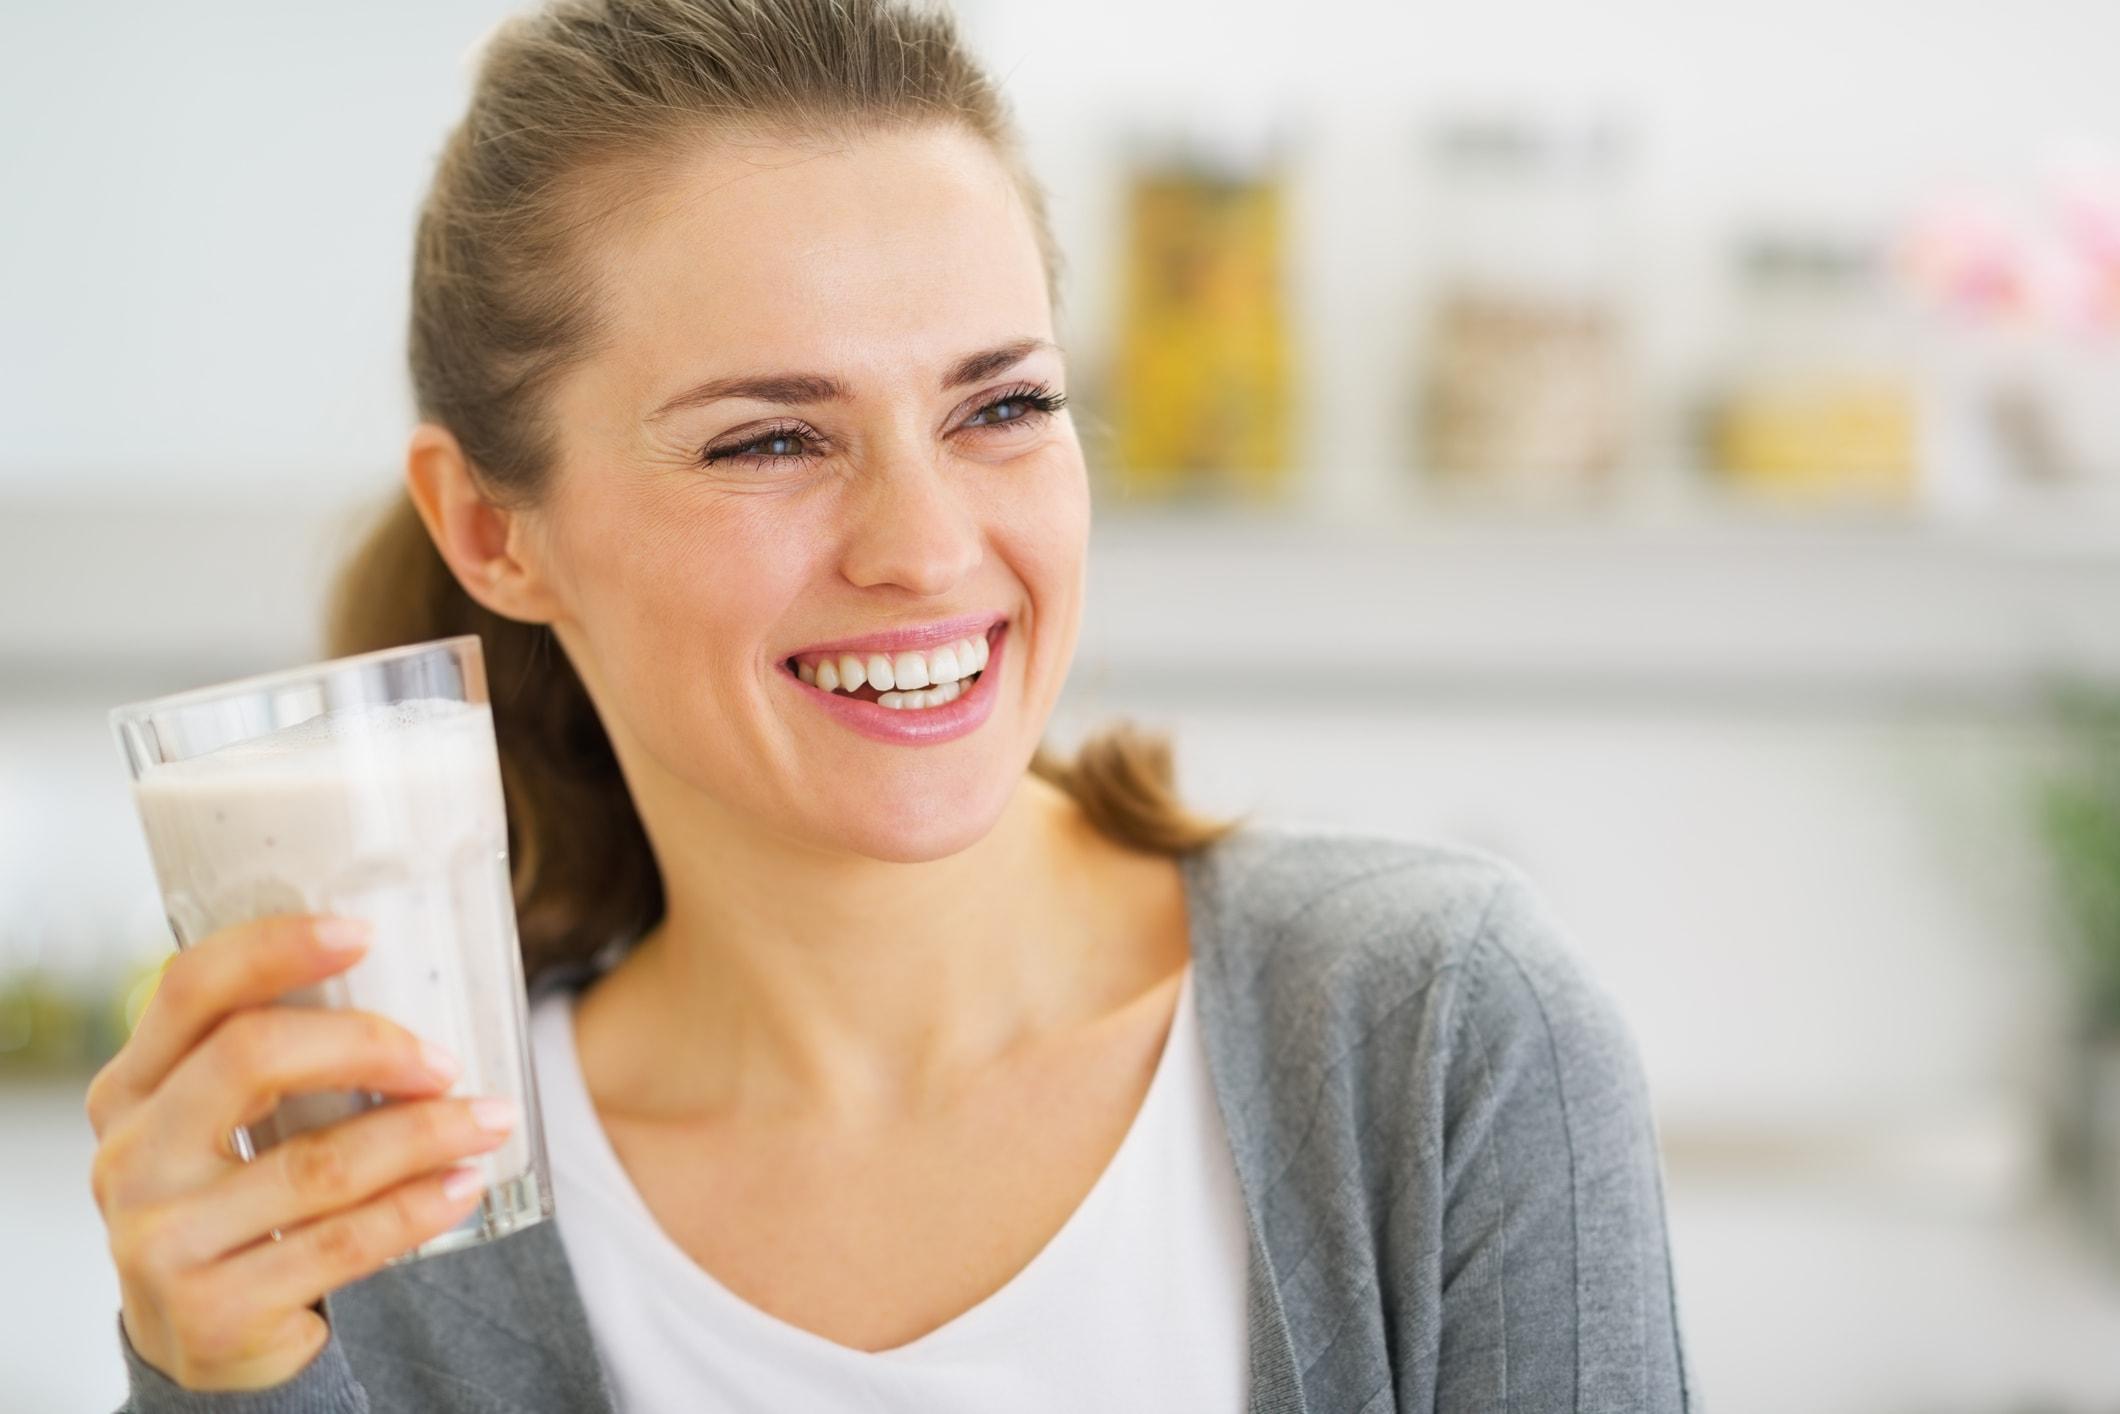 Glückliche Frau trinkt Milch